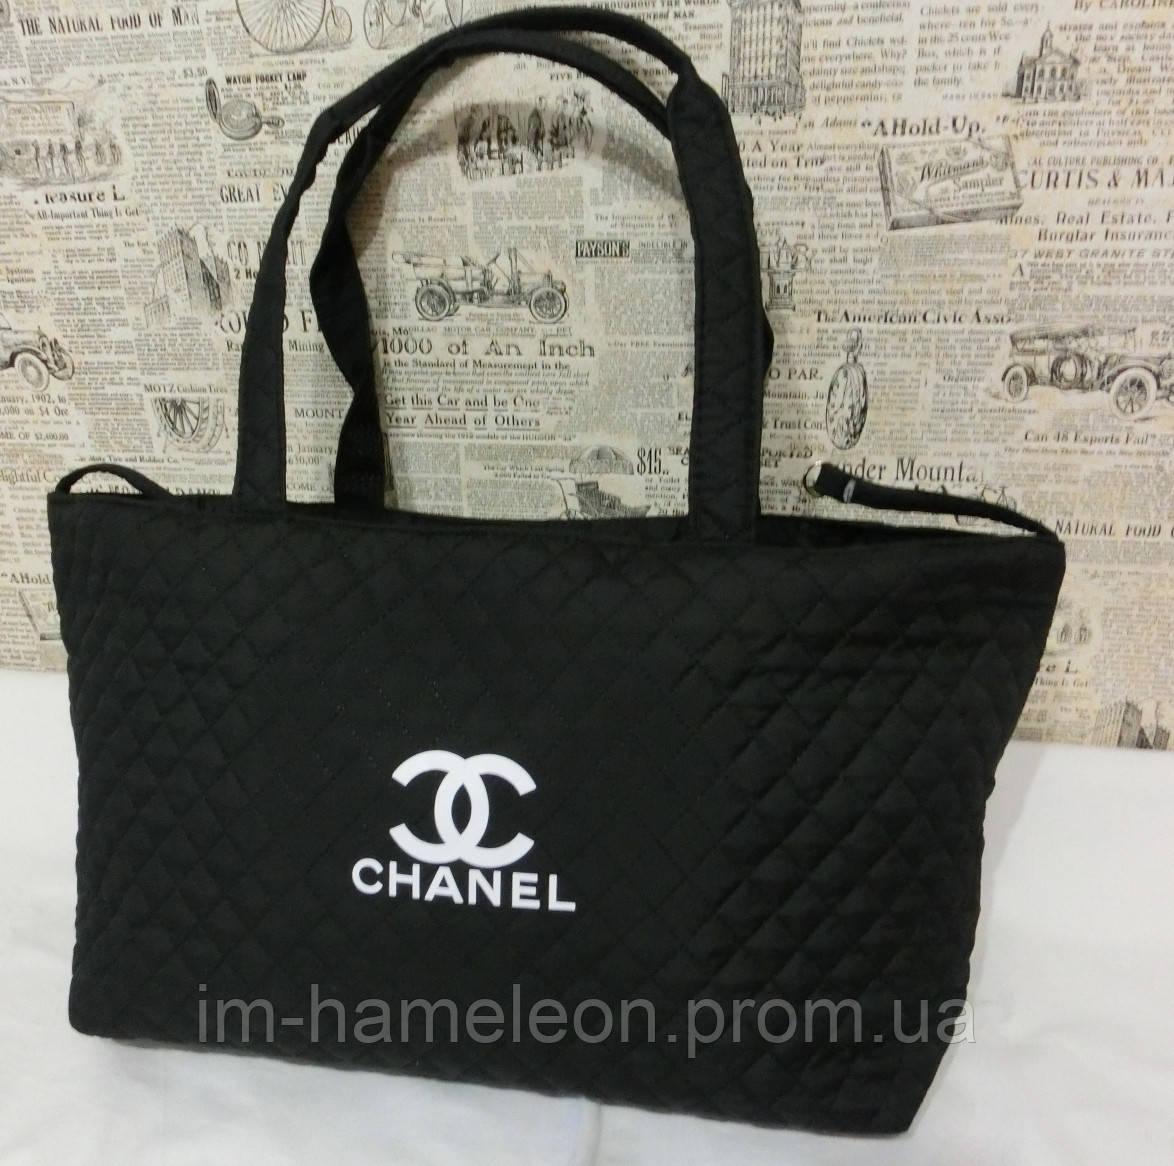 Стеганая женская сумка Chanel тканевая - Интернет-магазин